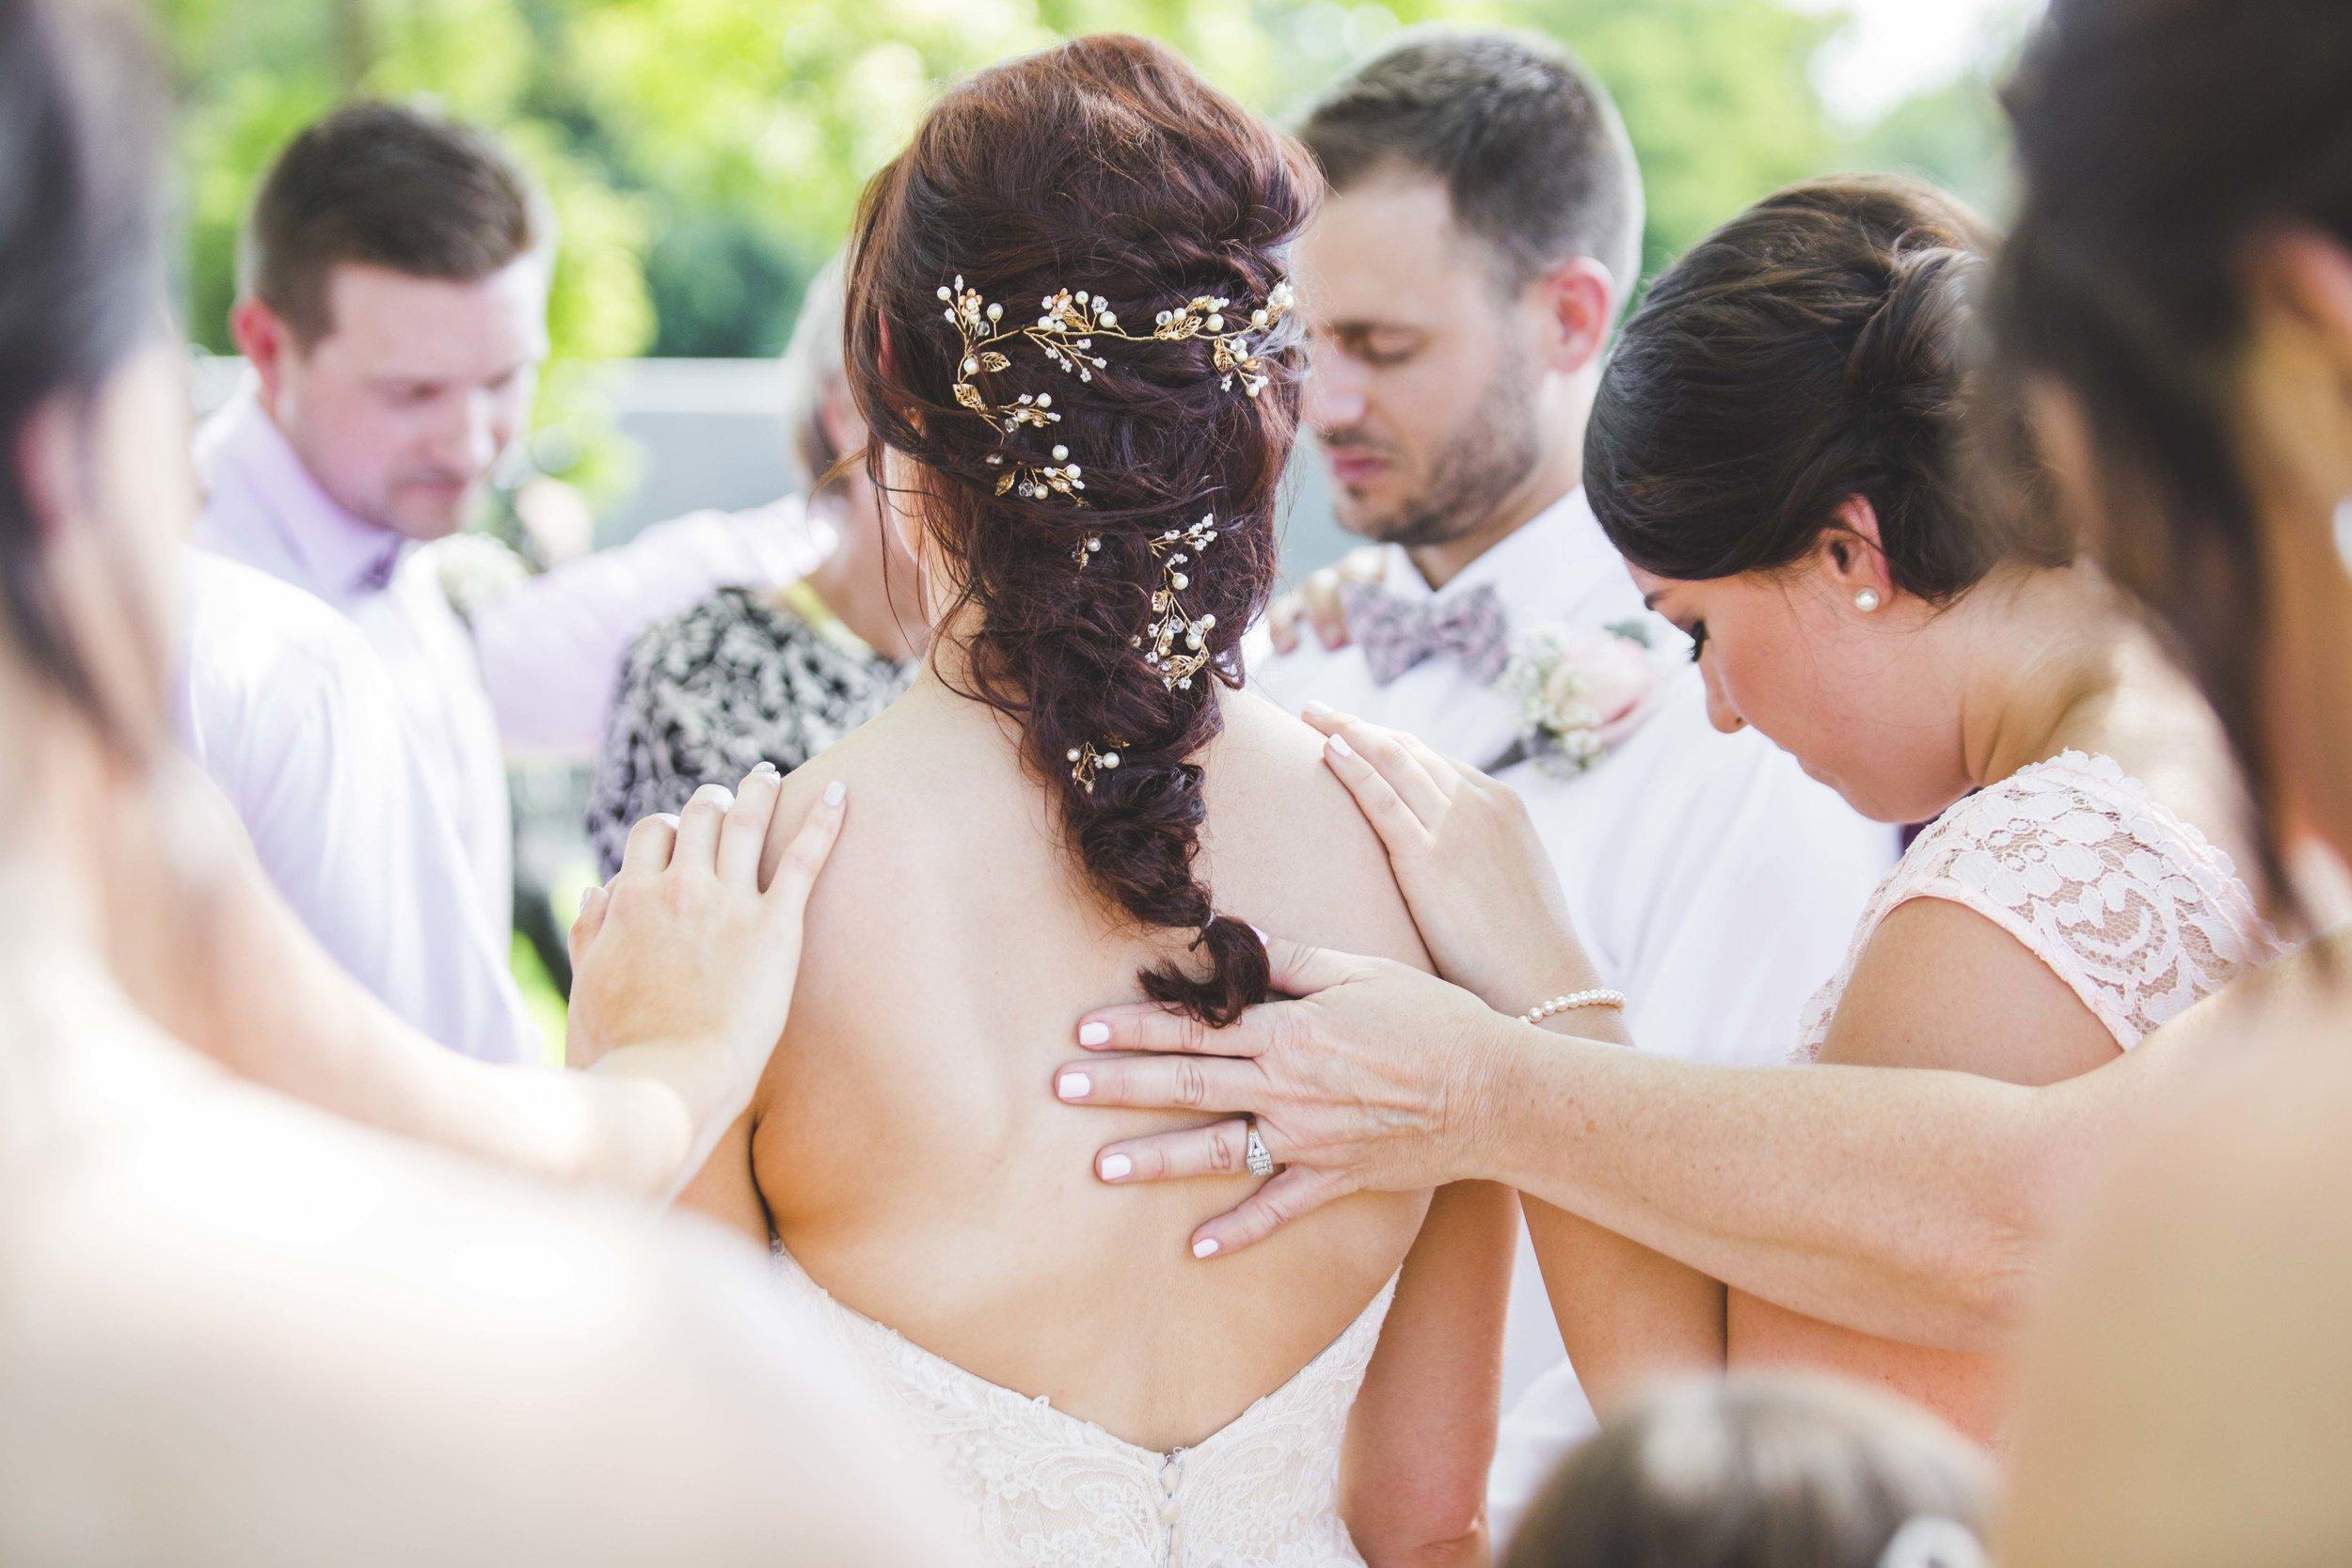 ATGI_Susanna & Matt Wedding_717A7850.jpg